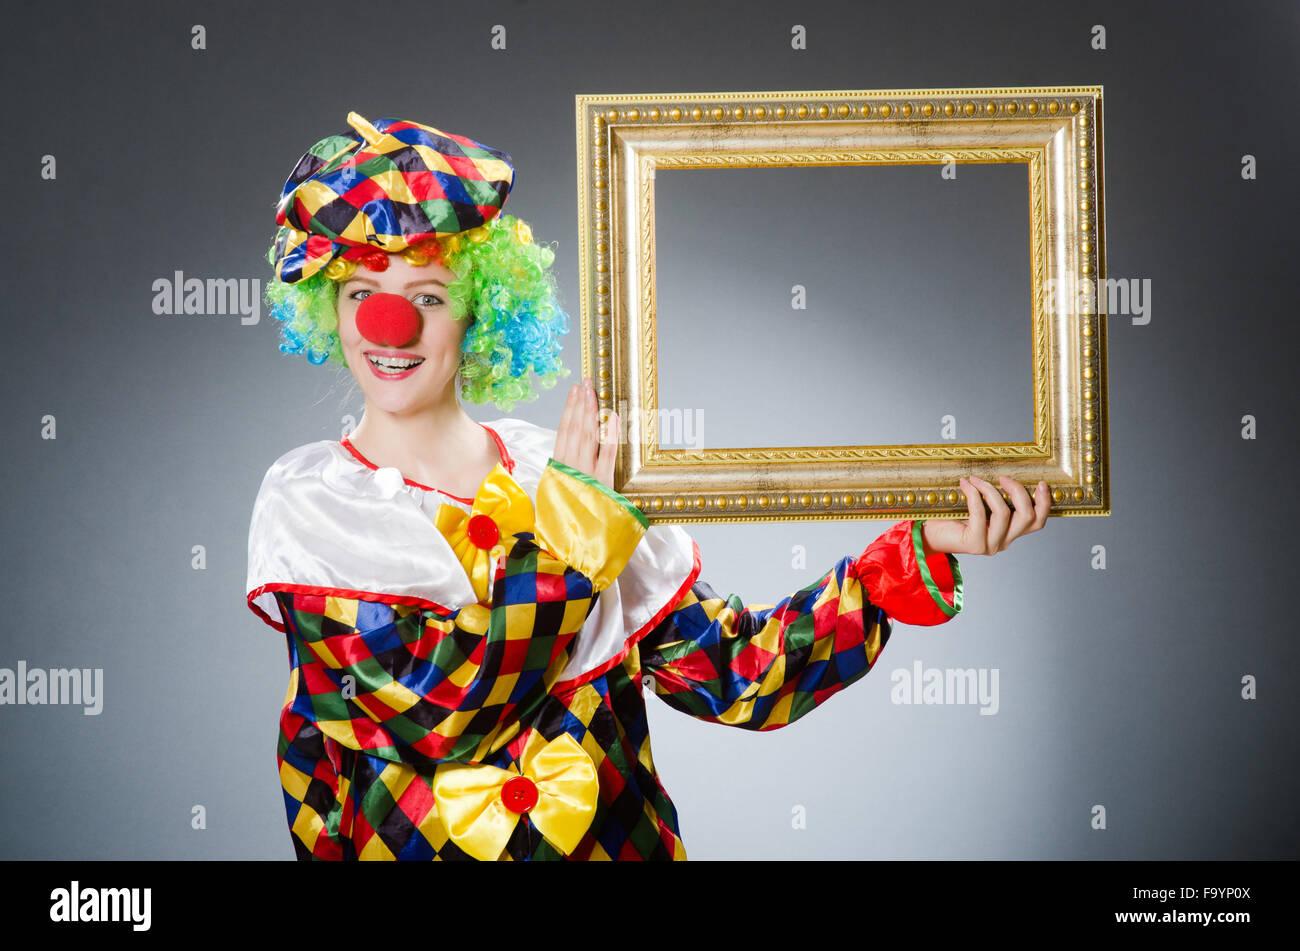 Clown mit Bilderrahmen in lustige Konzept Stockfoto, Bild: 92193722 ...